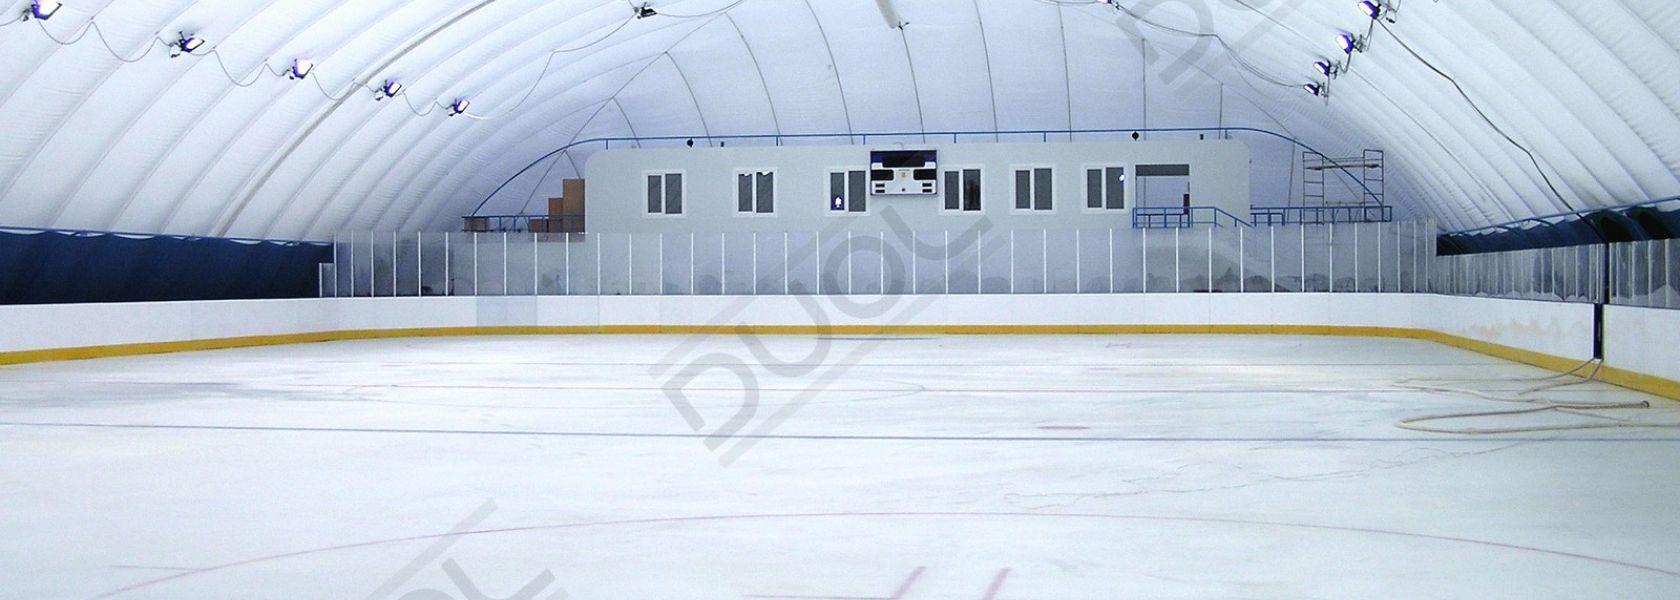 Tyumen Skating Ring